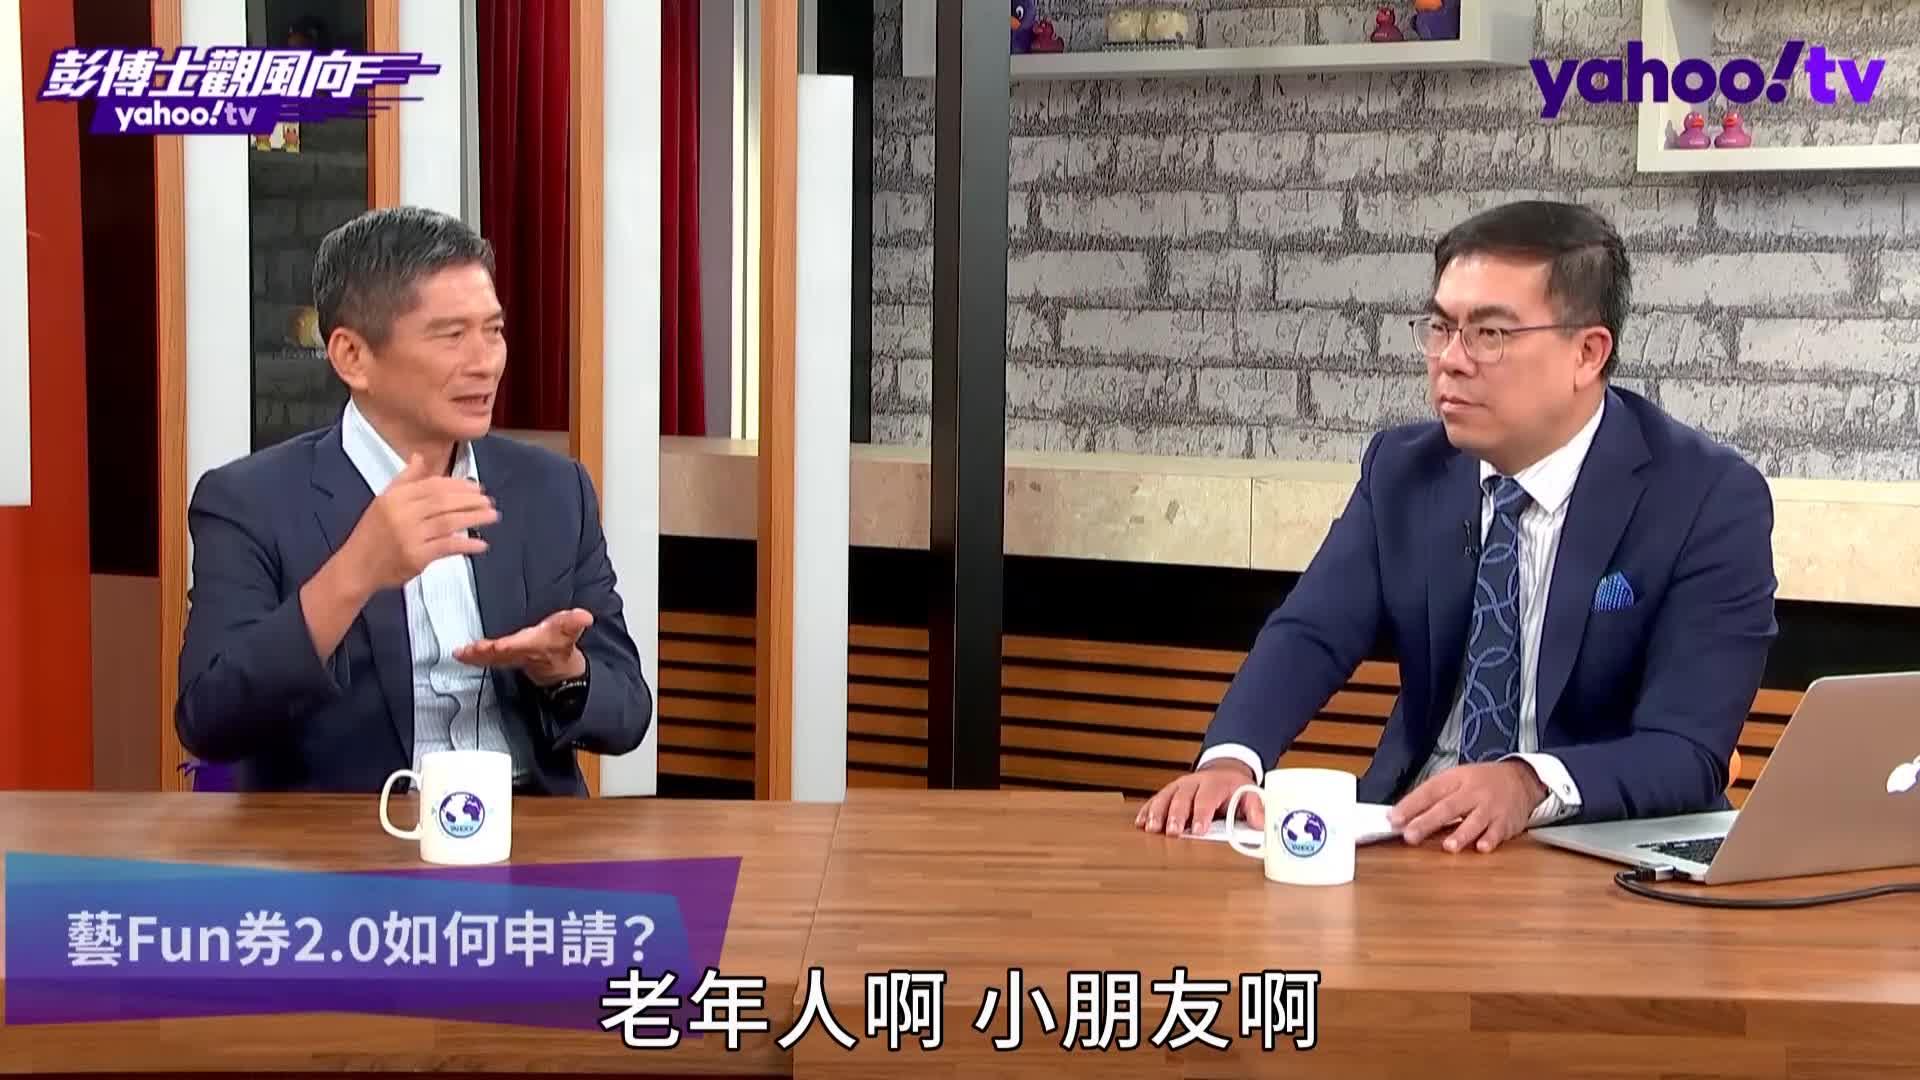 藝Fun券2.0今開放申請!文化部長李永得告訴你如何申請